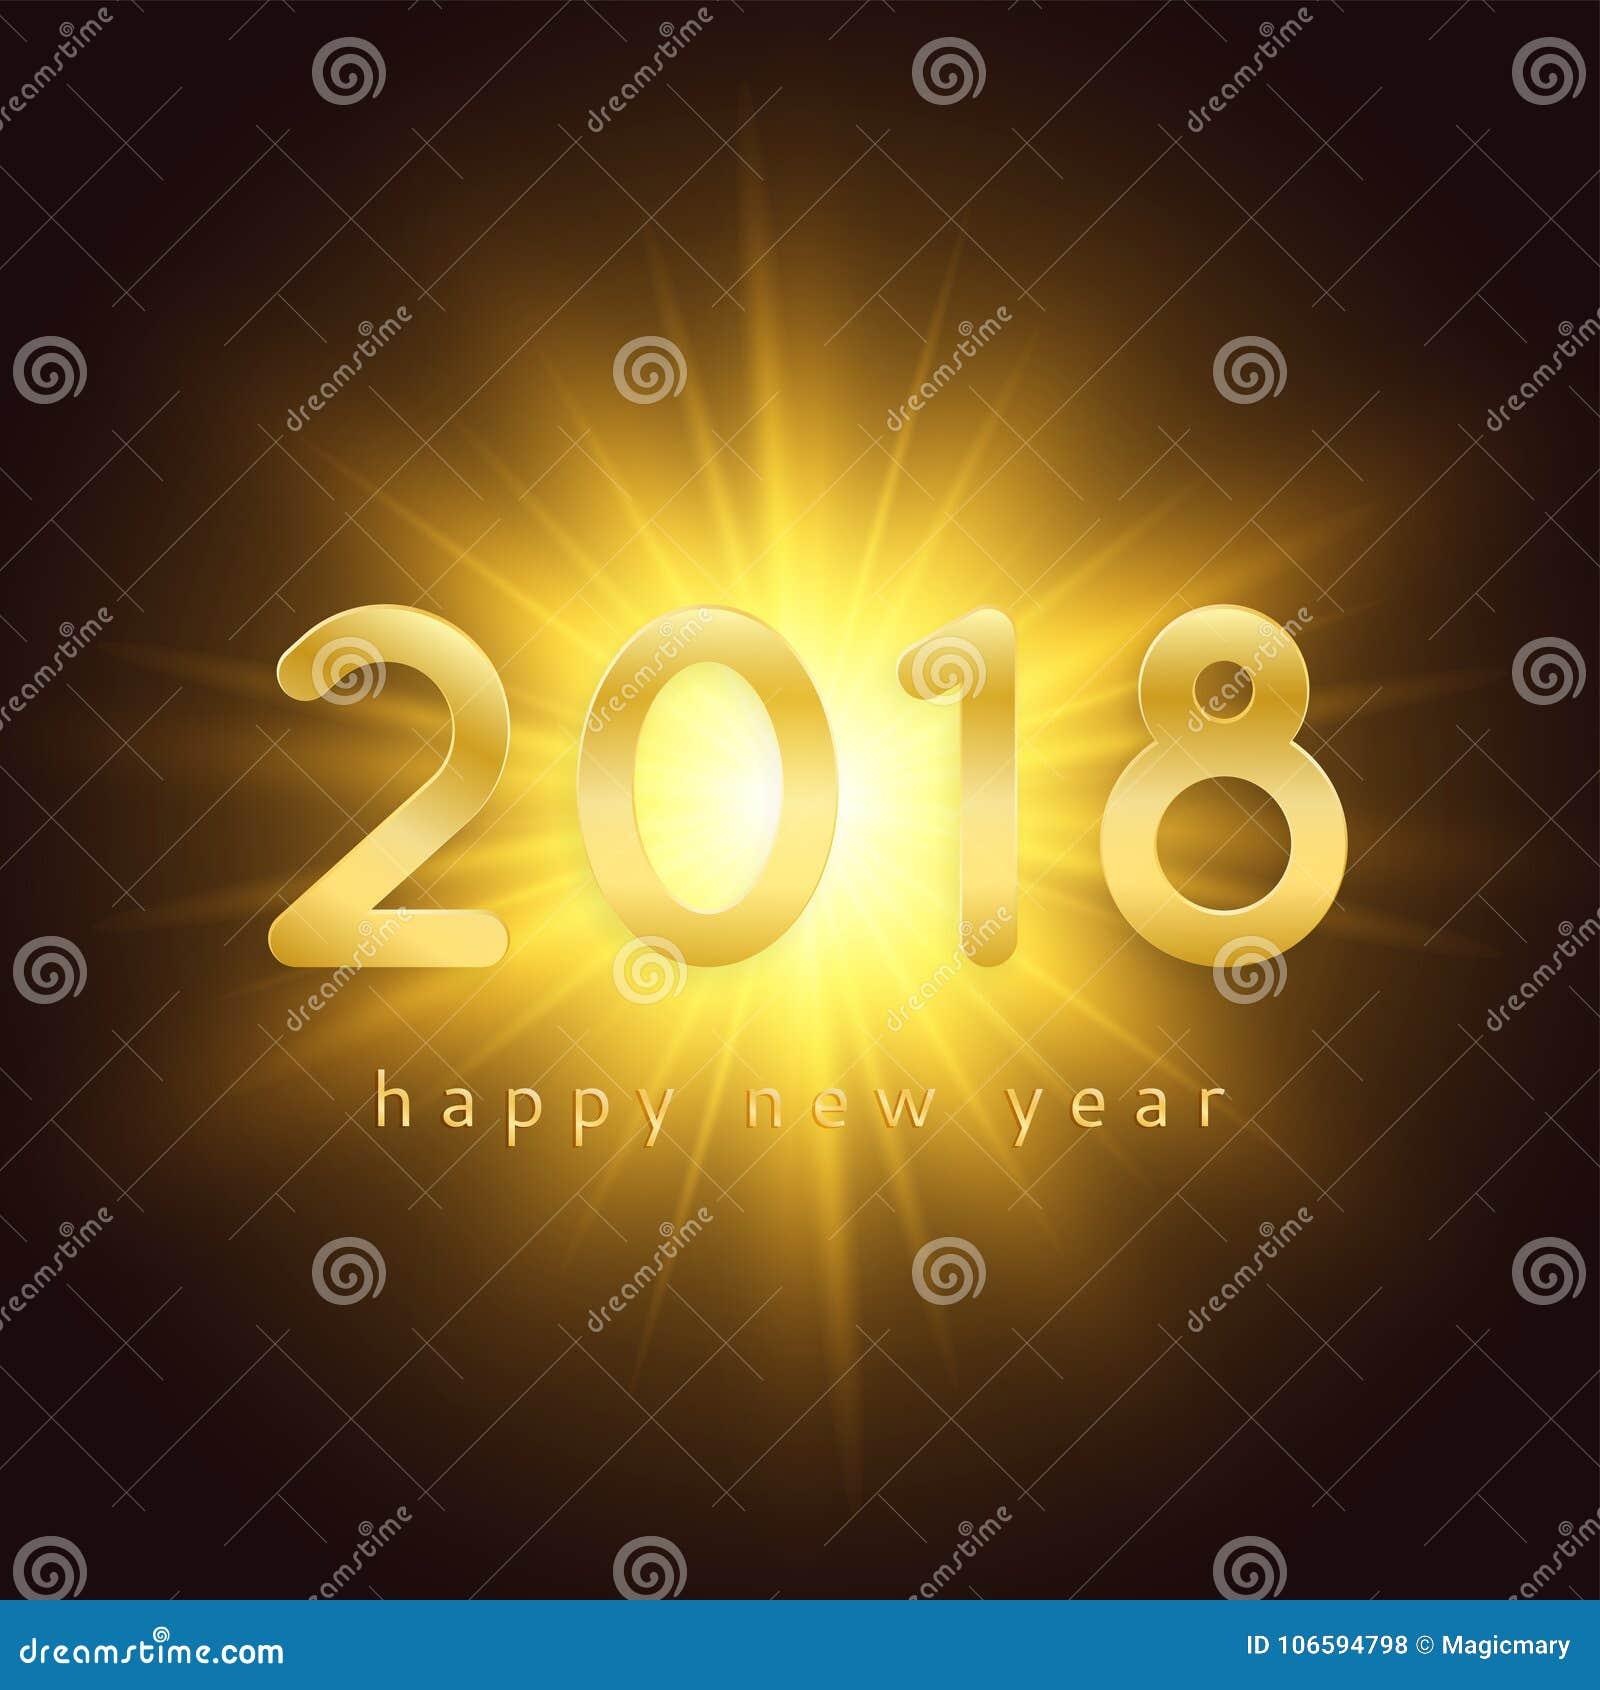 2018 διακοσμημένη υπόβαθρο χρυσή έκρηξη καλής χρονιάς και χρυσά ψηφία